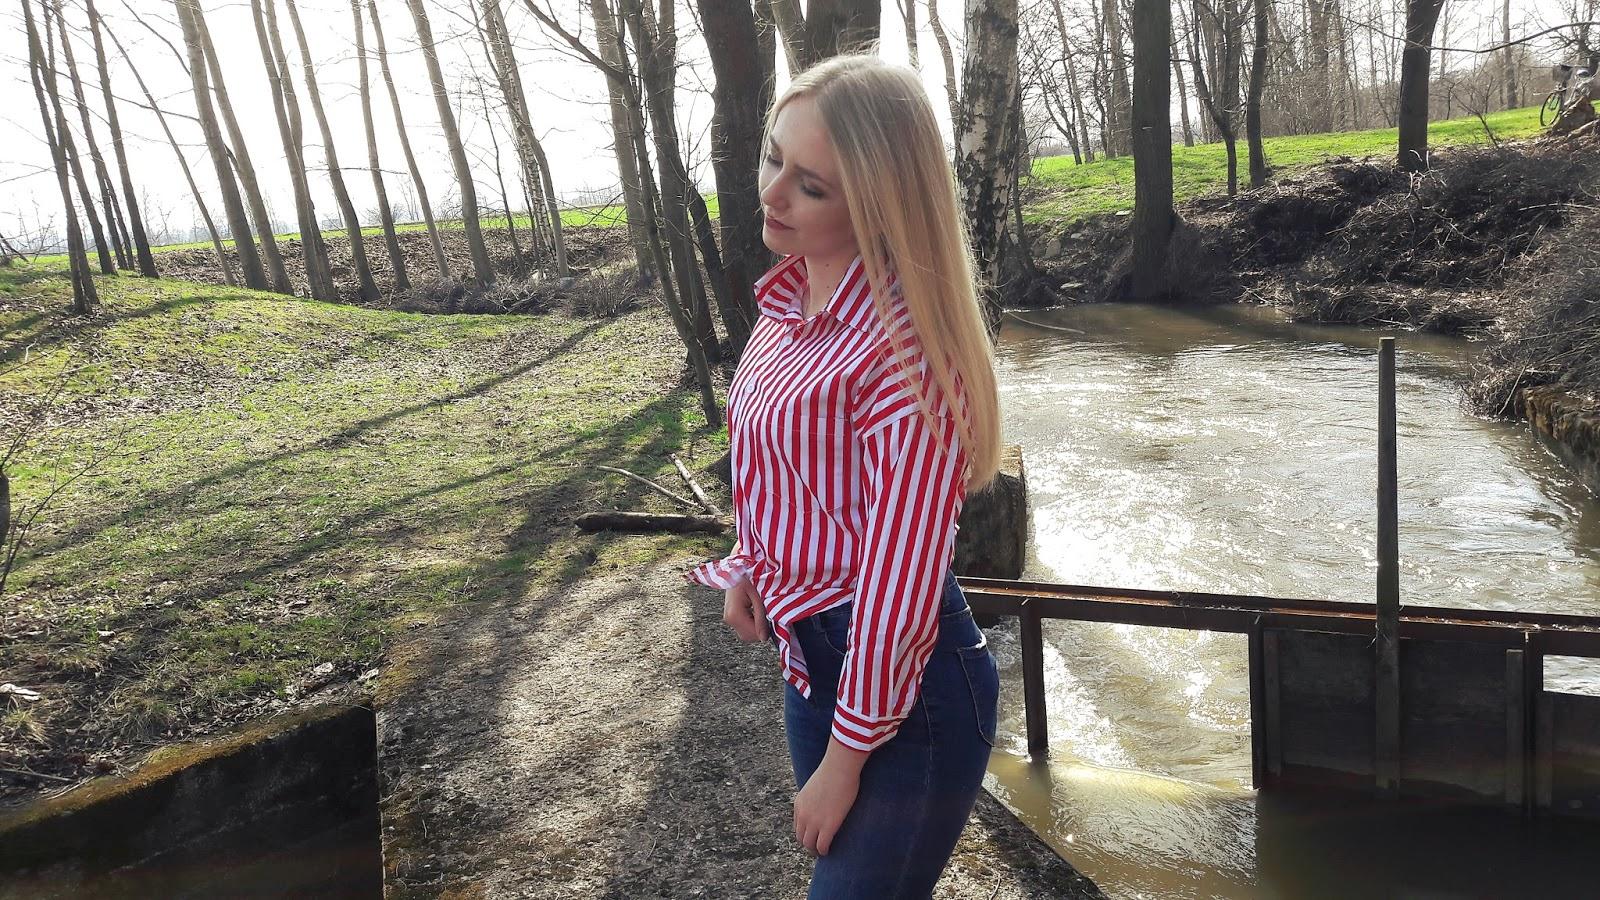 Na tym zdjęciu jest czerwona koszula w paski.